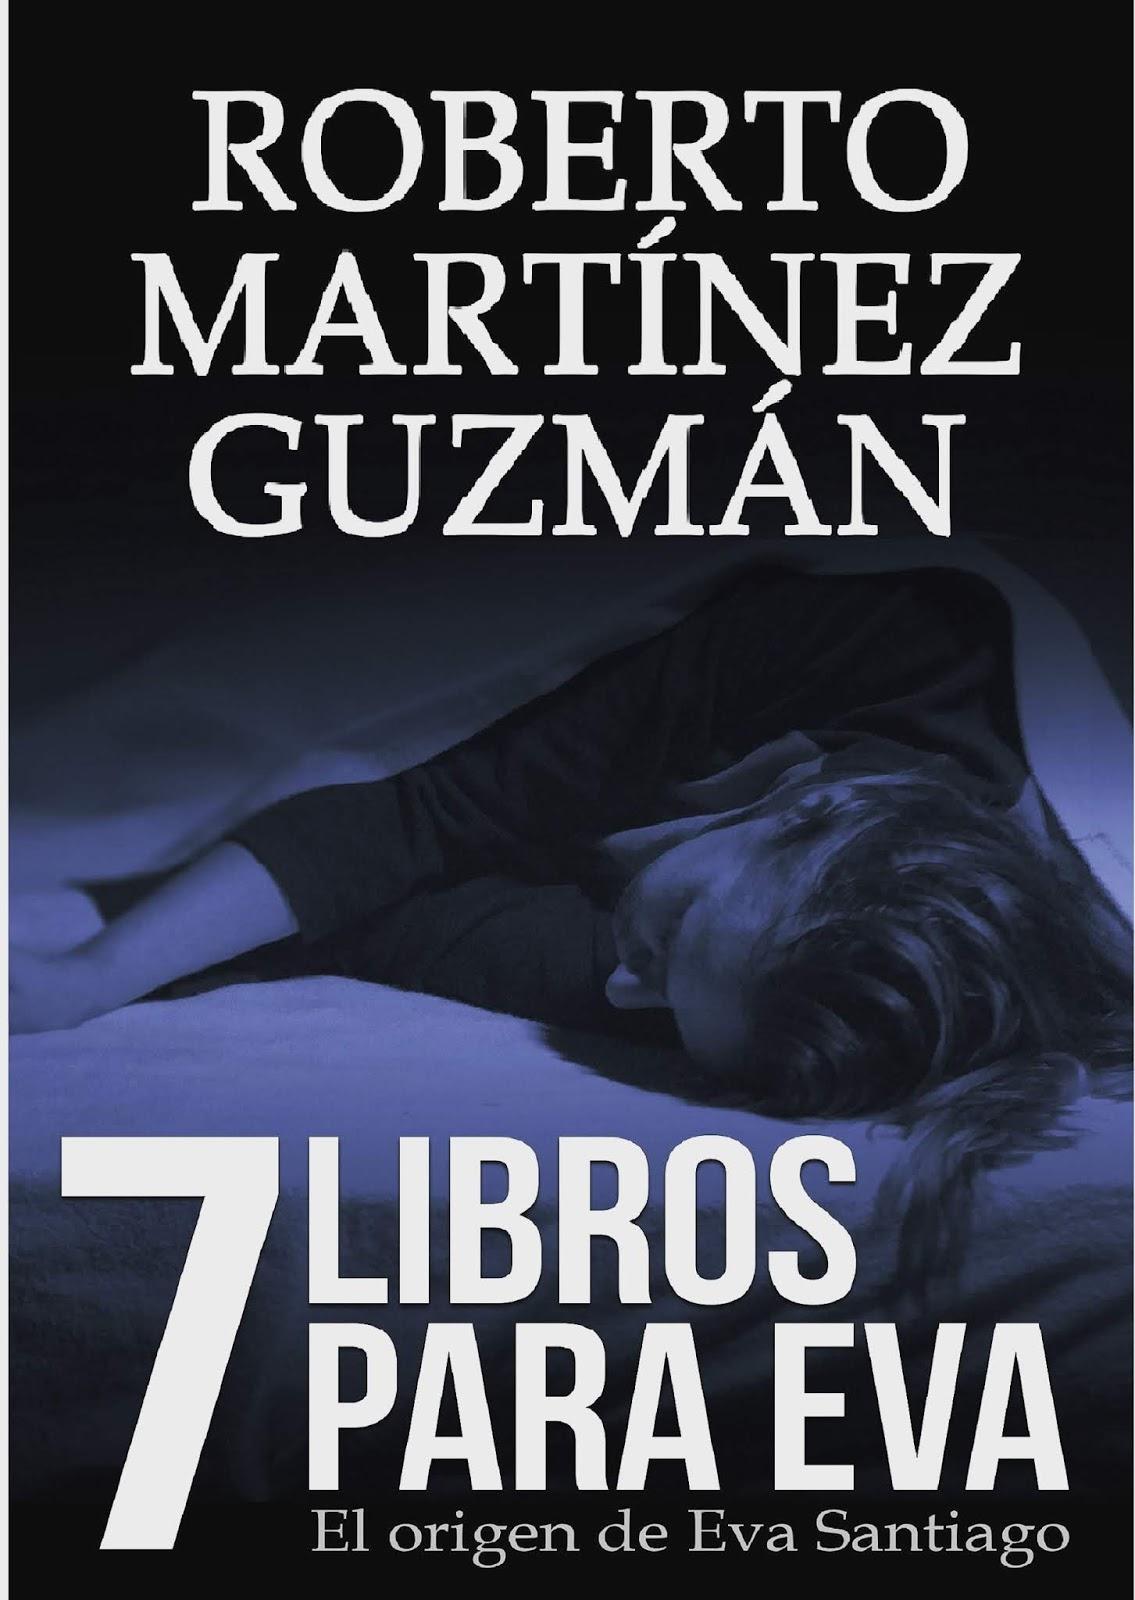 Roberto Martínez Guzmán La Suerte De Los Idiotas Lucas Acevedo 1